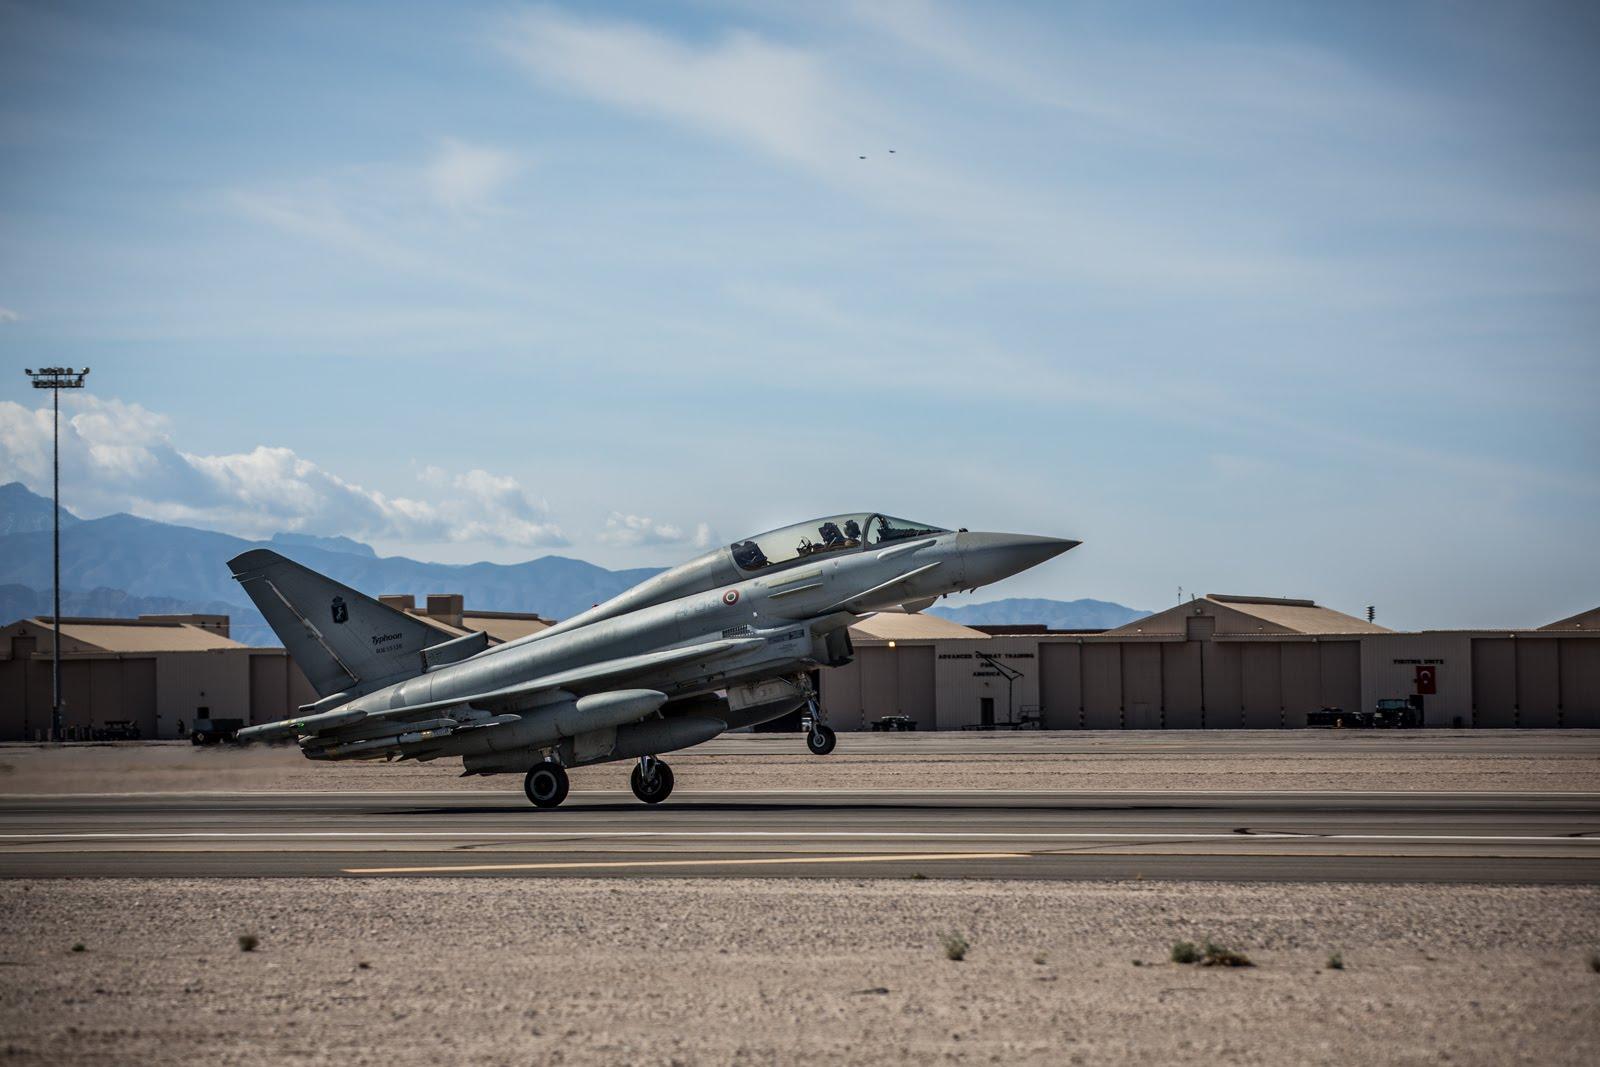 Италия рассчитывает на экспортные контракты после участия Eurofighter Typhoon в учениях Red Flag 2016